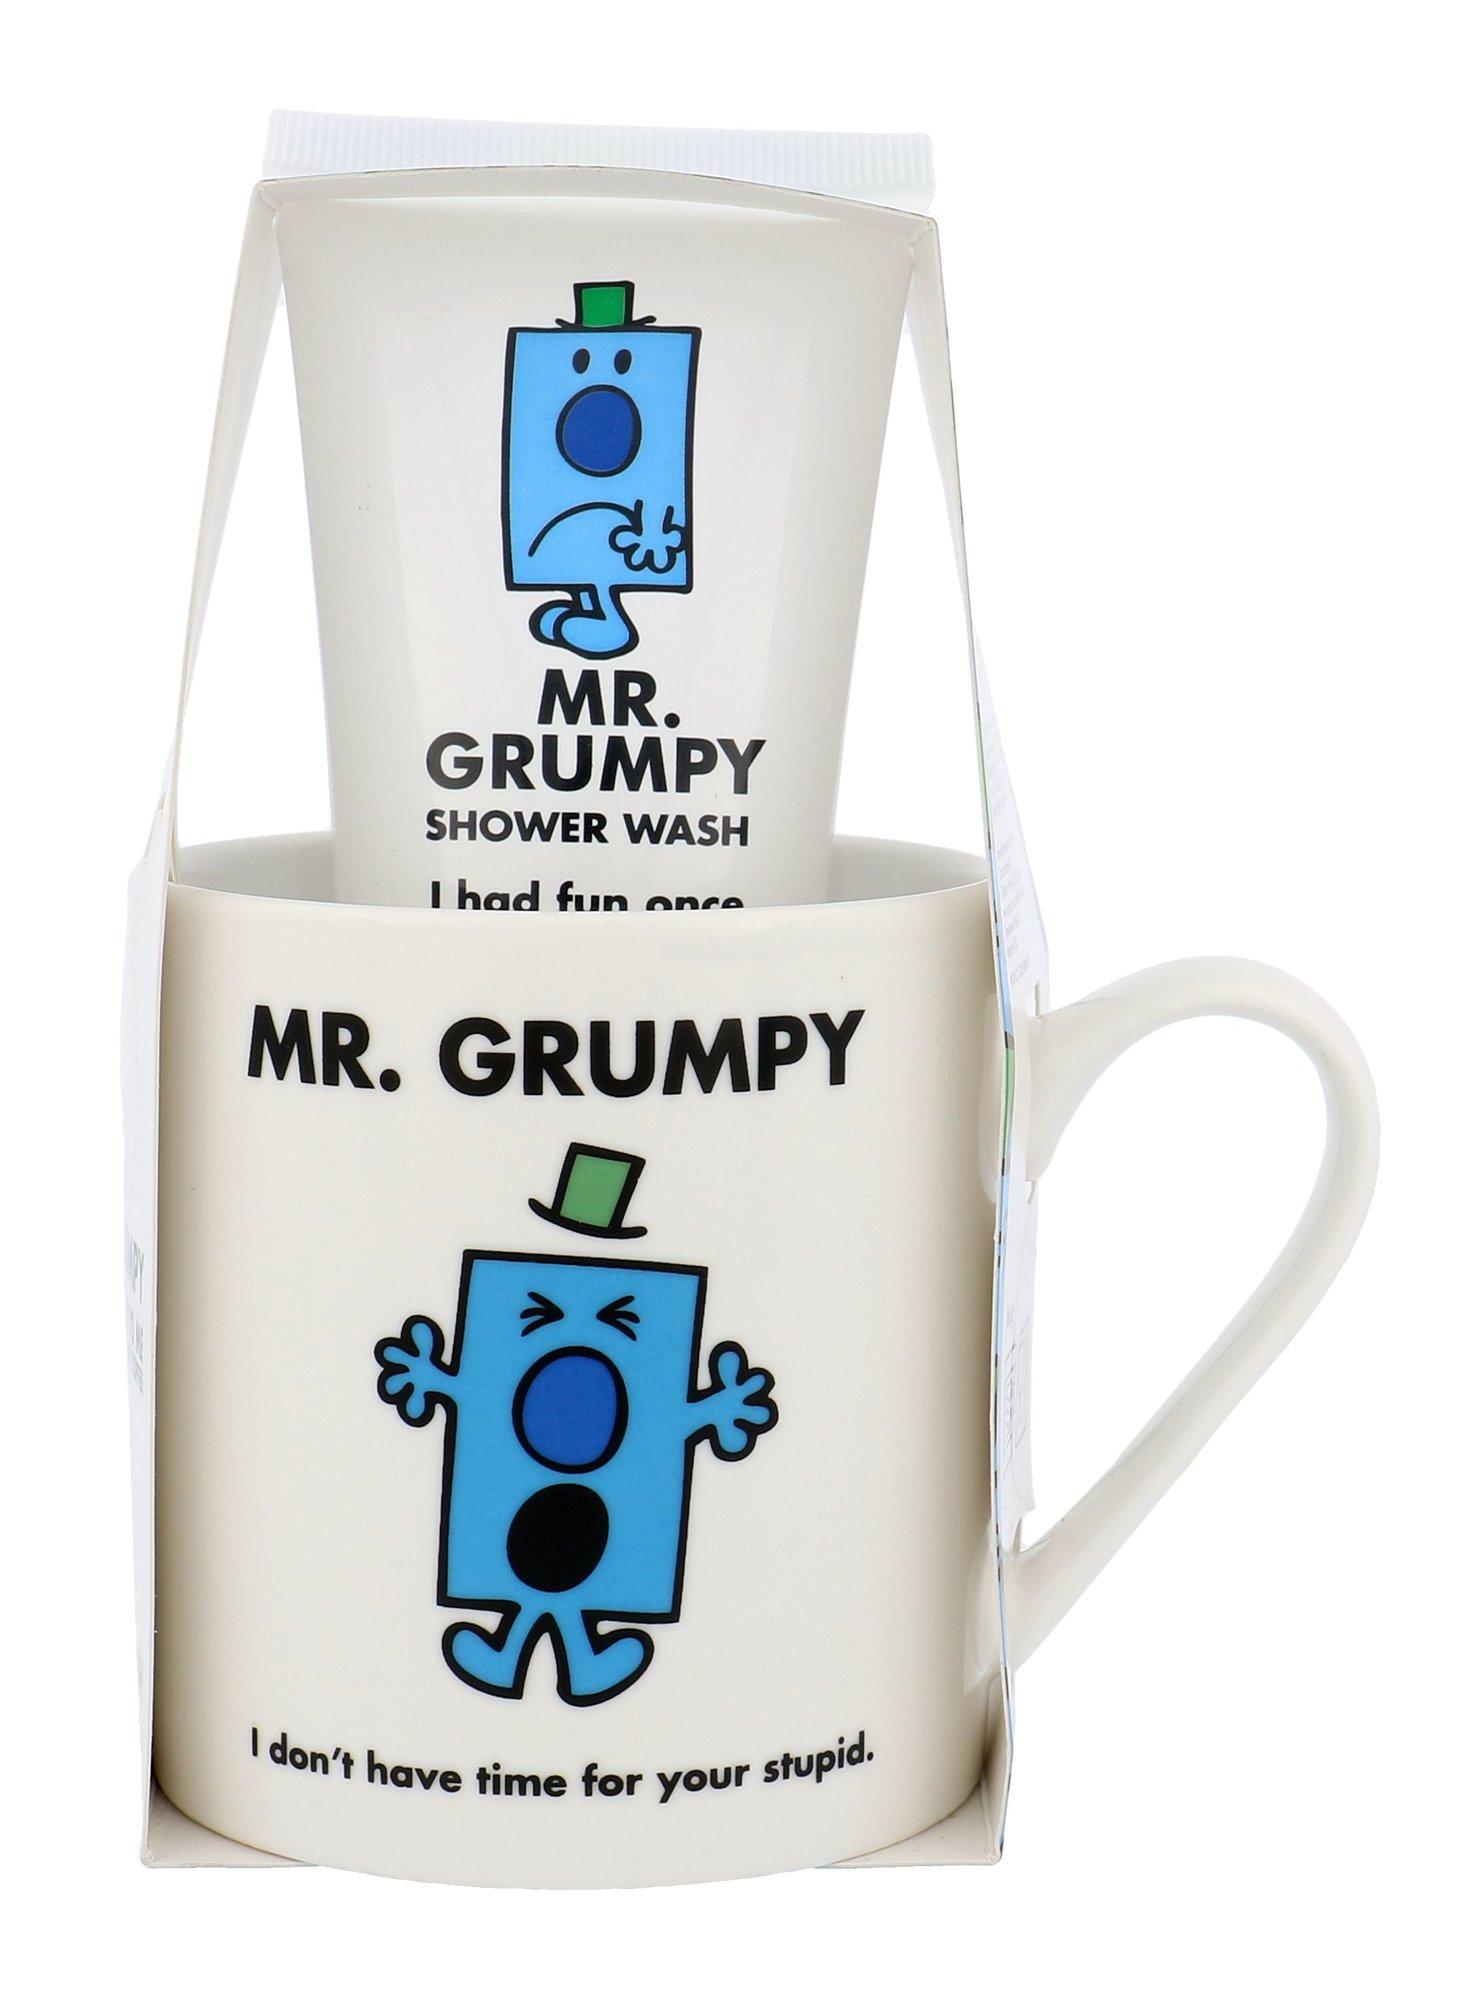 Mr. Grumpy Mr. Grumpy